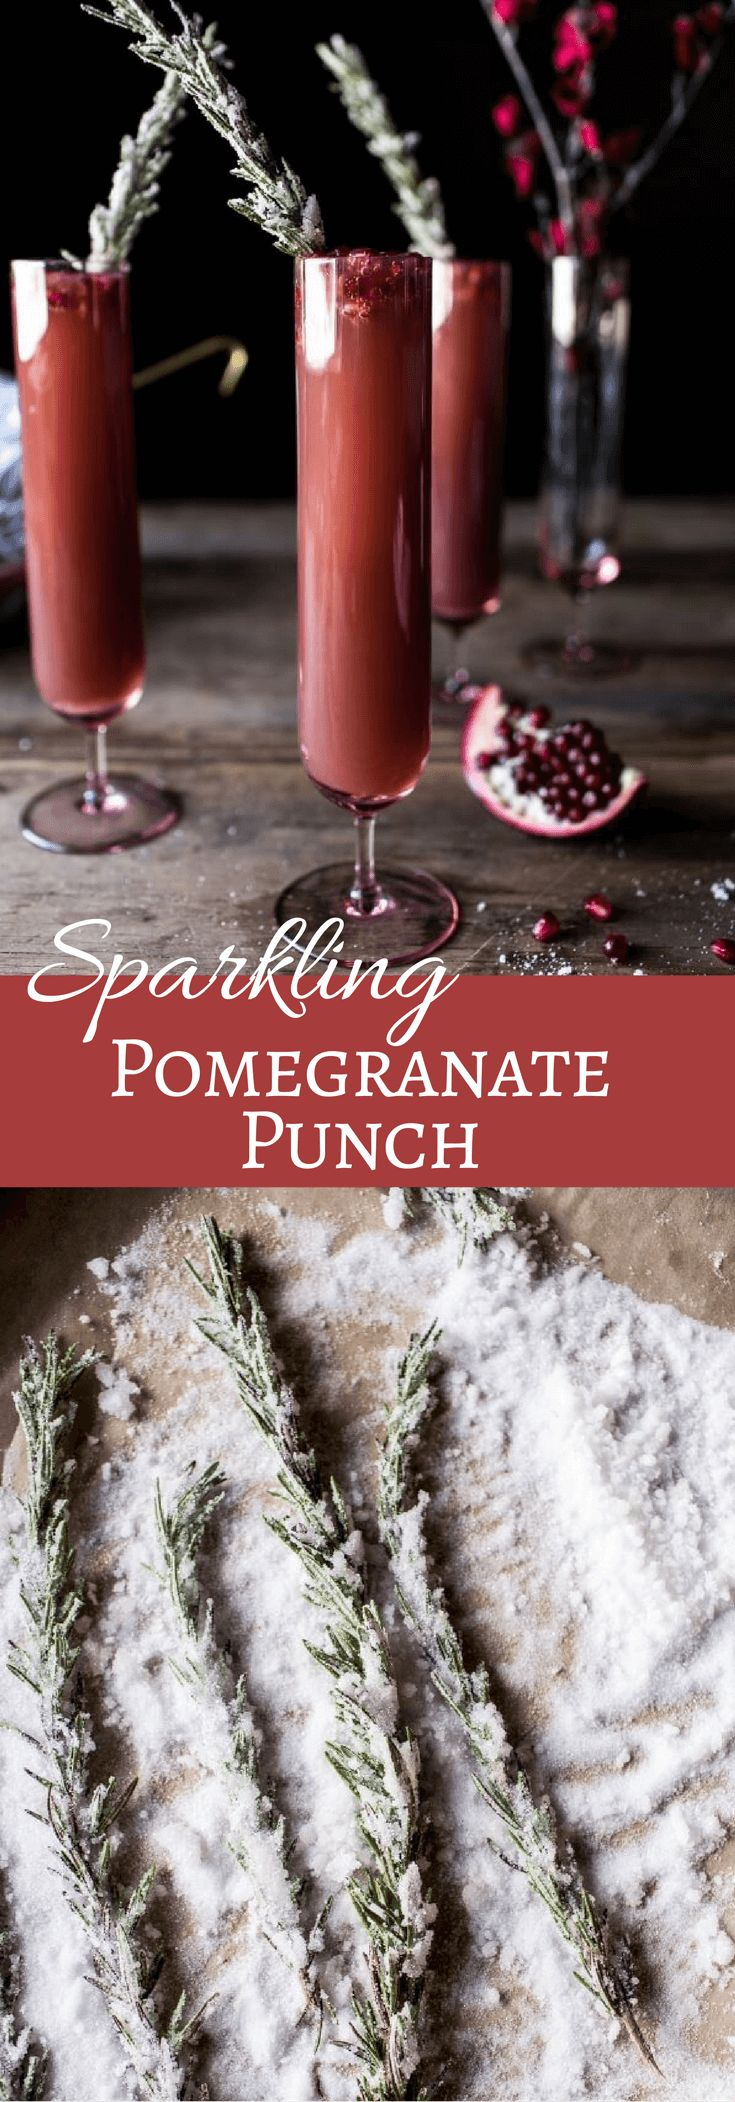 Sparkling Pomegranate Punch   halfbakedharvest.com @hbharvest